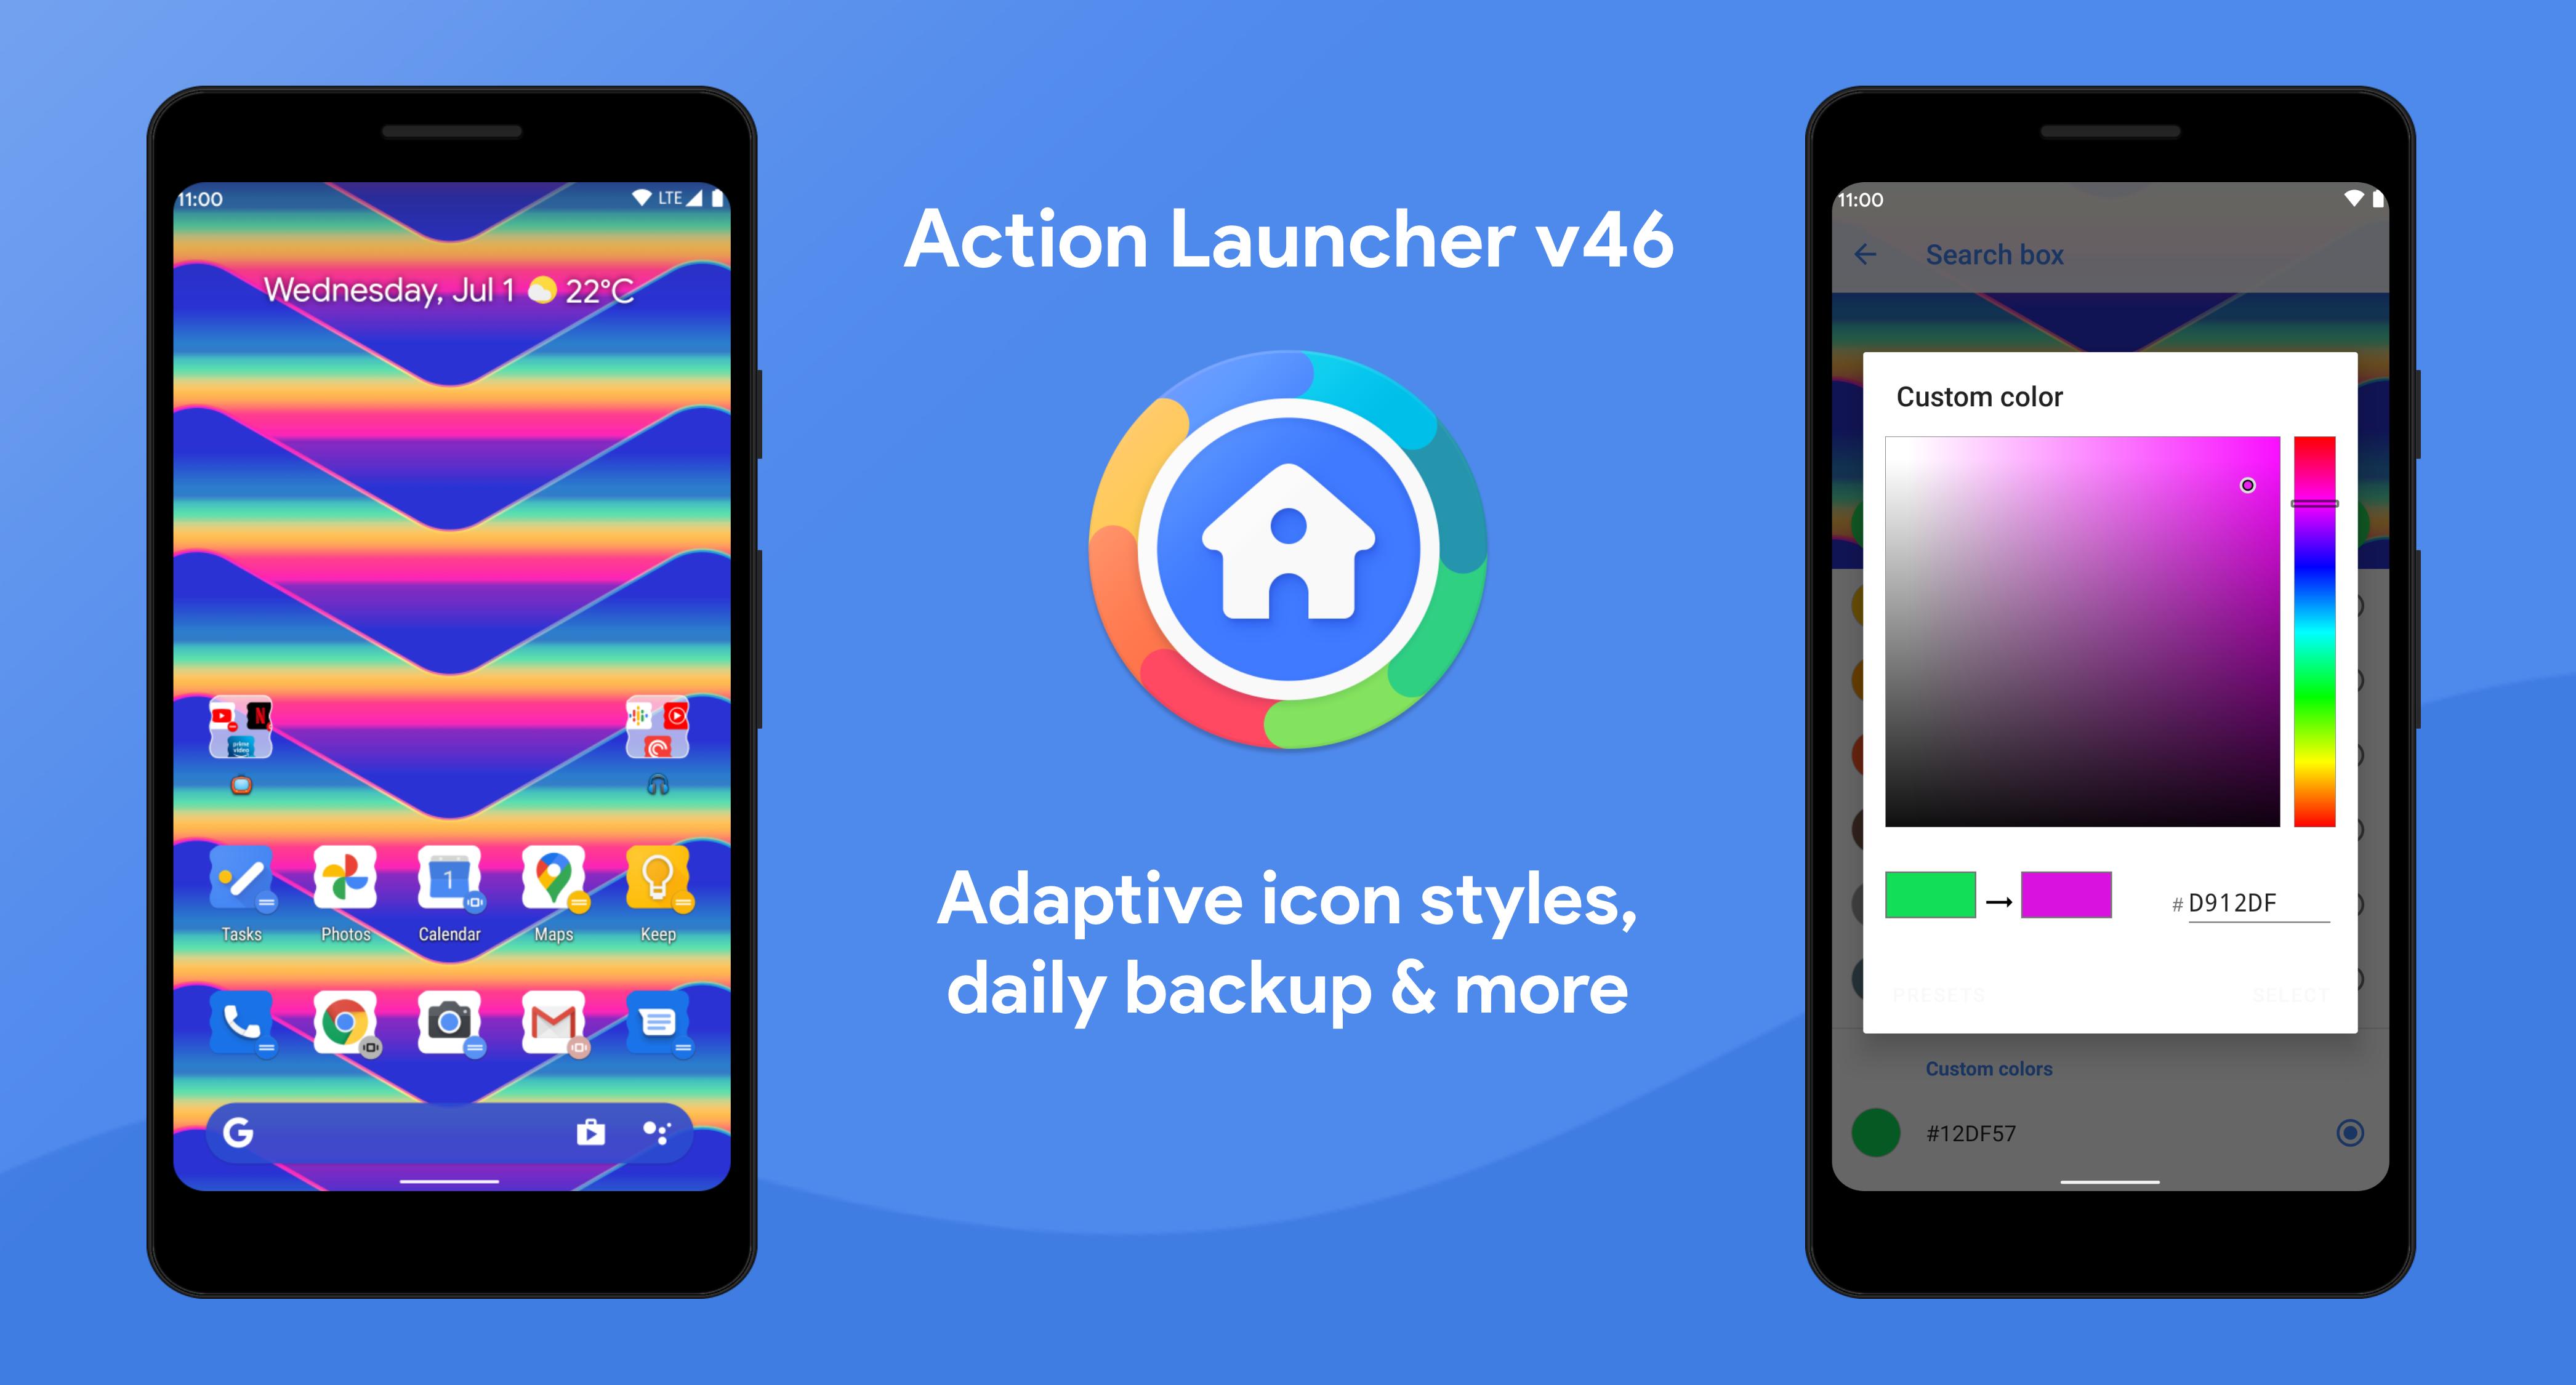 آكشن لانشر أندرويد يدعم الآن النسخ التلقائي للسحابة وأكثر - Action Launcher